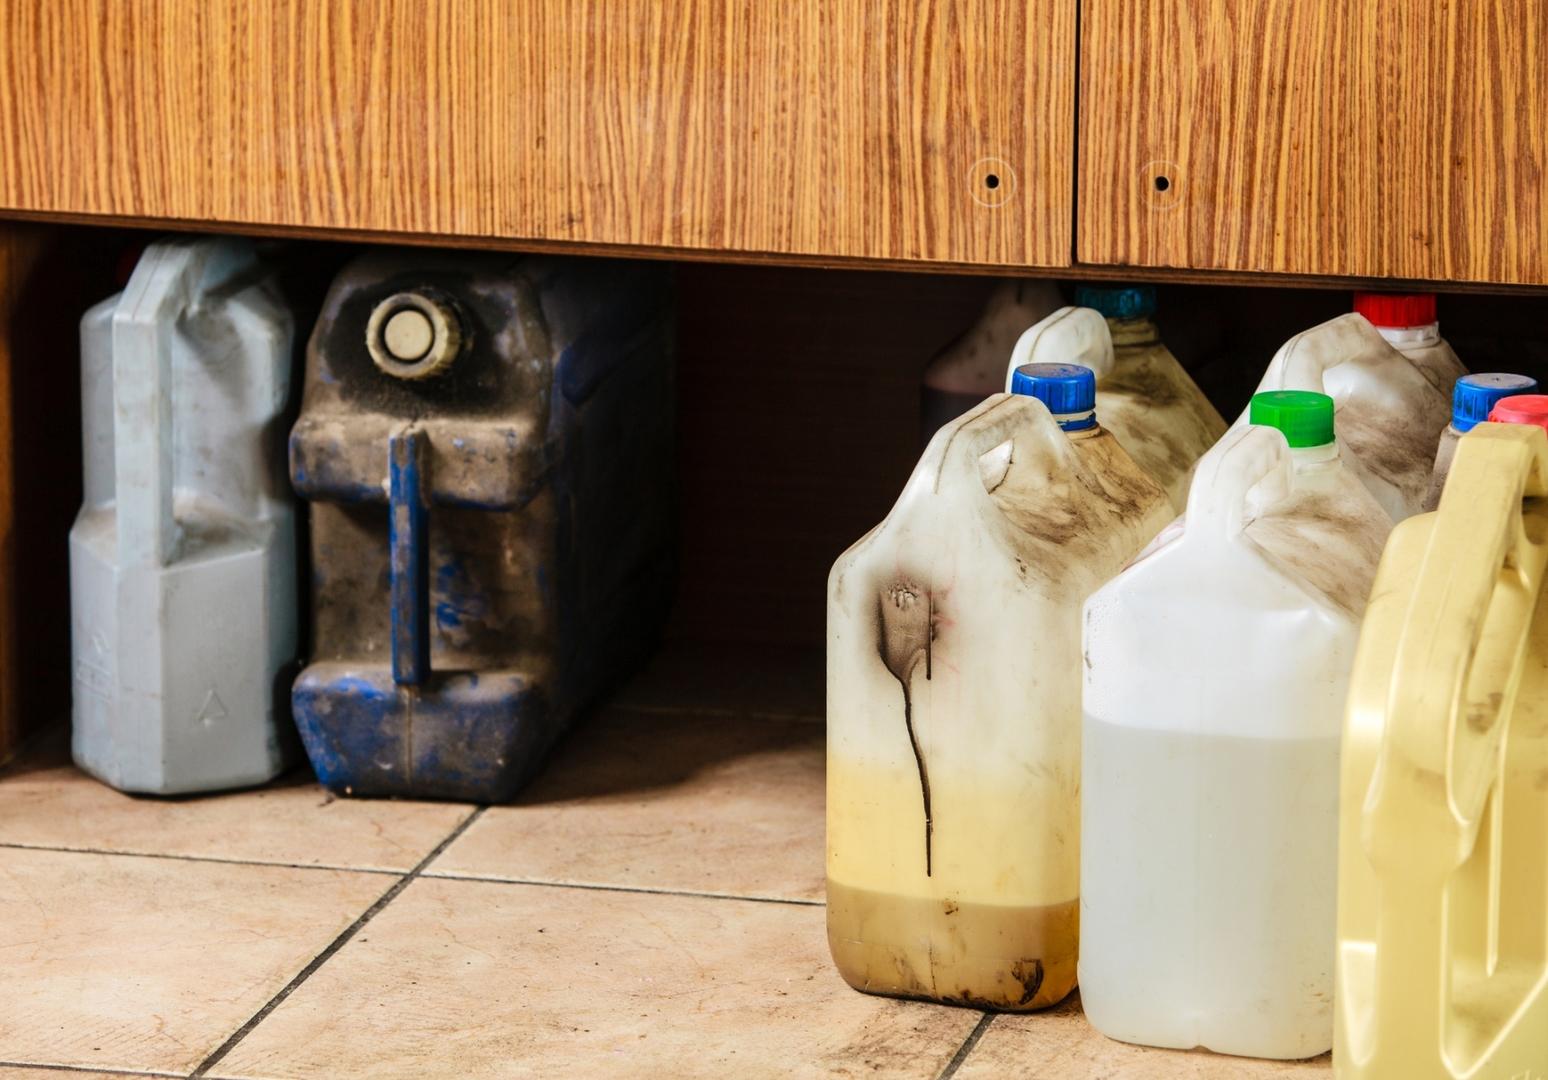 Пластмассы – в массы: почему бензин в РФ не льют в пластик